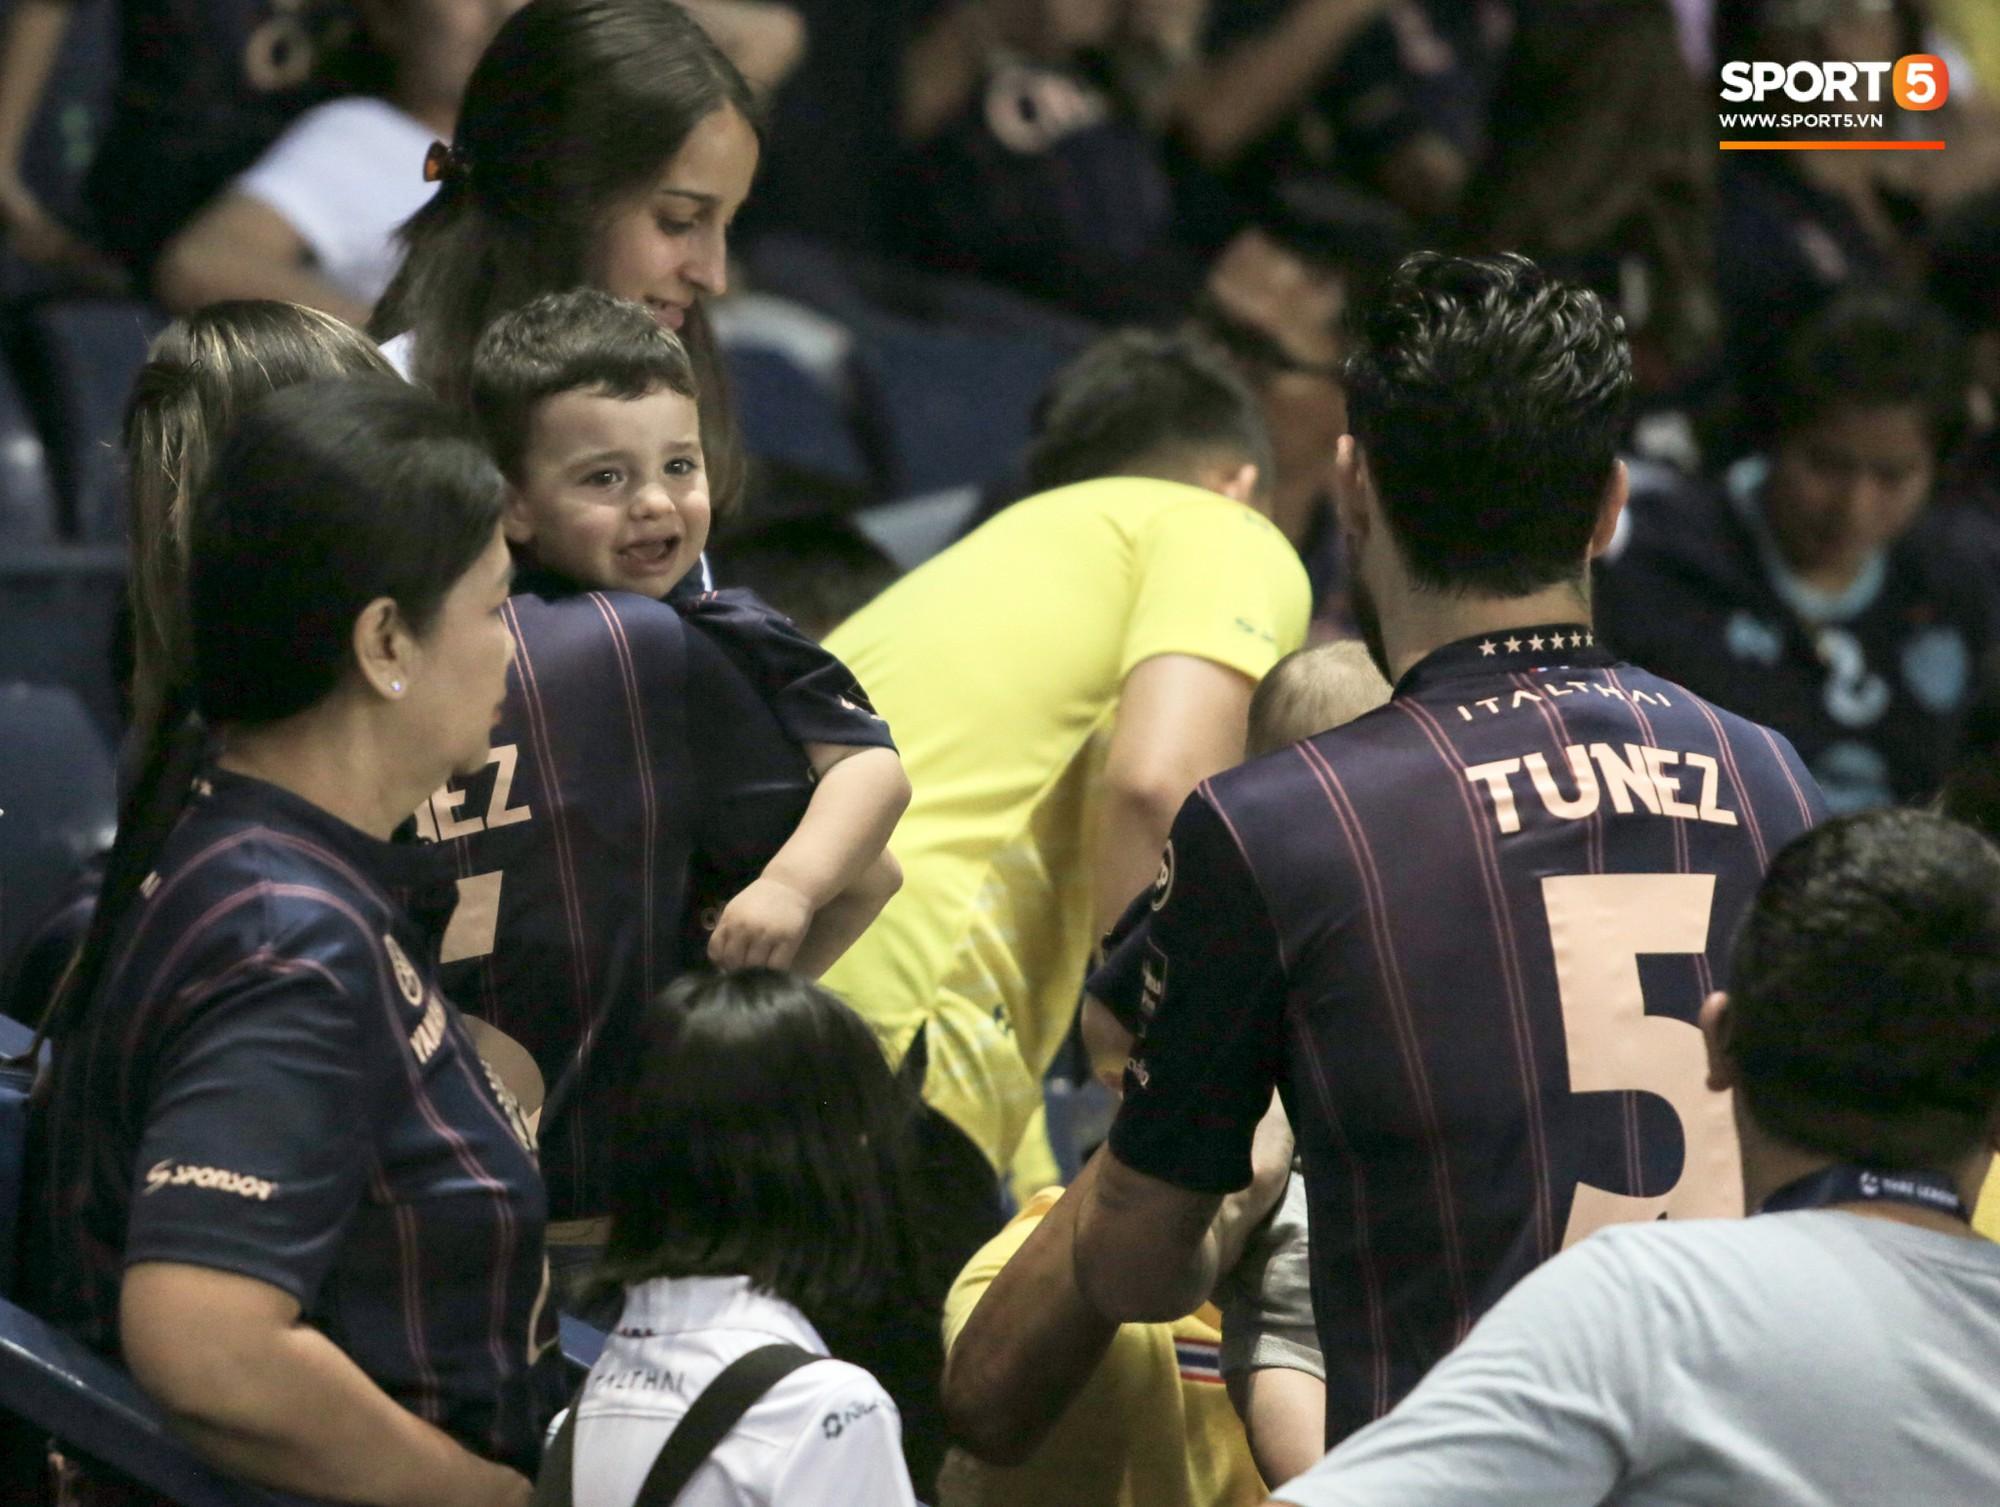 Bạn thân Xuân Trường điển trai, để lại hình ảnh ấm áp về tình phụ tử trước trận derby bóng đá Thái - Ảnh 7.